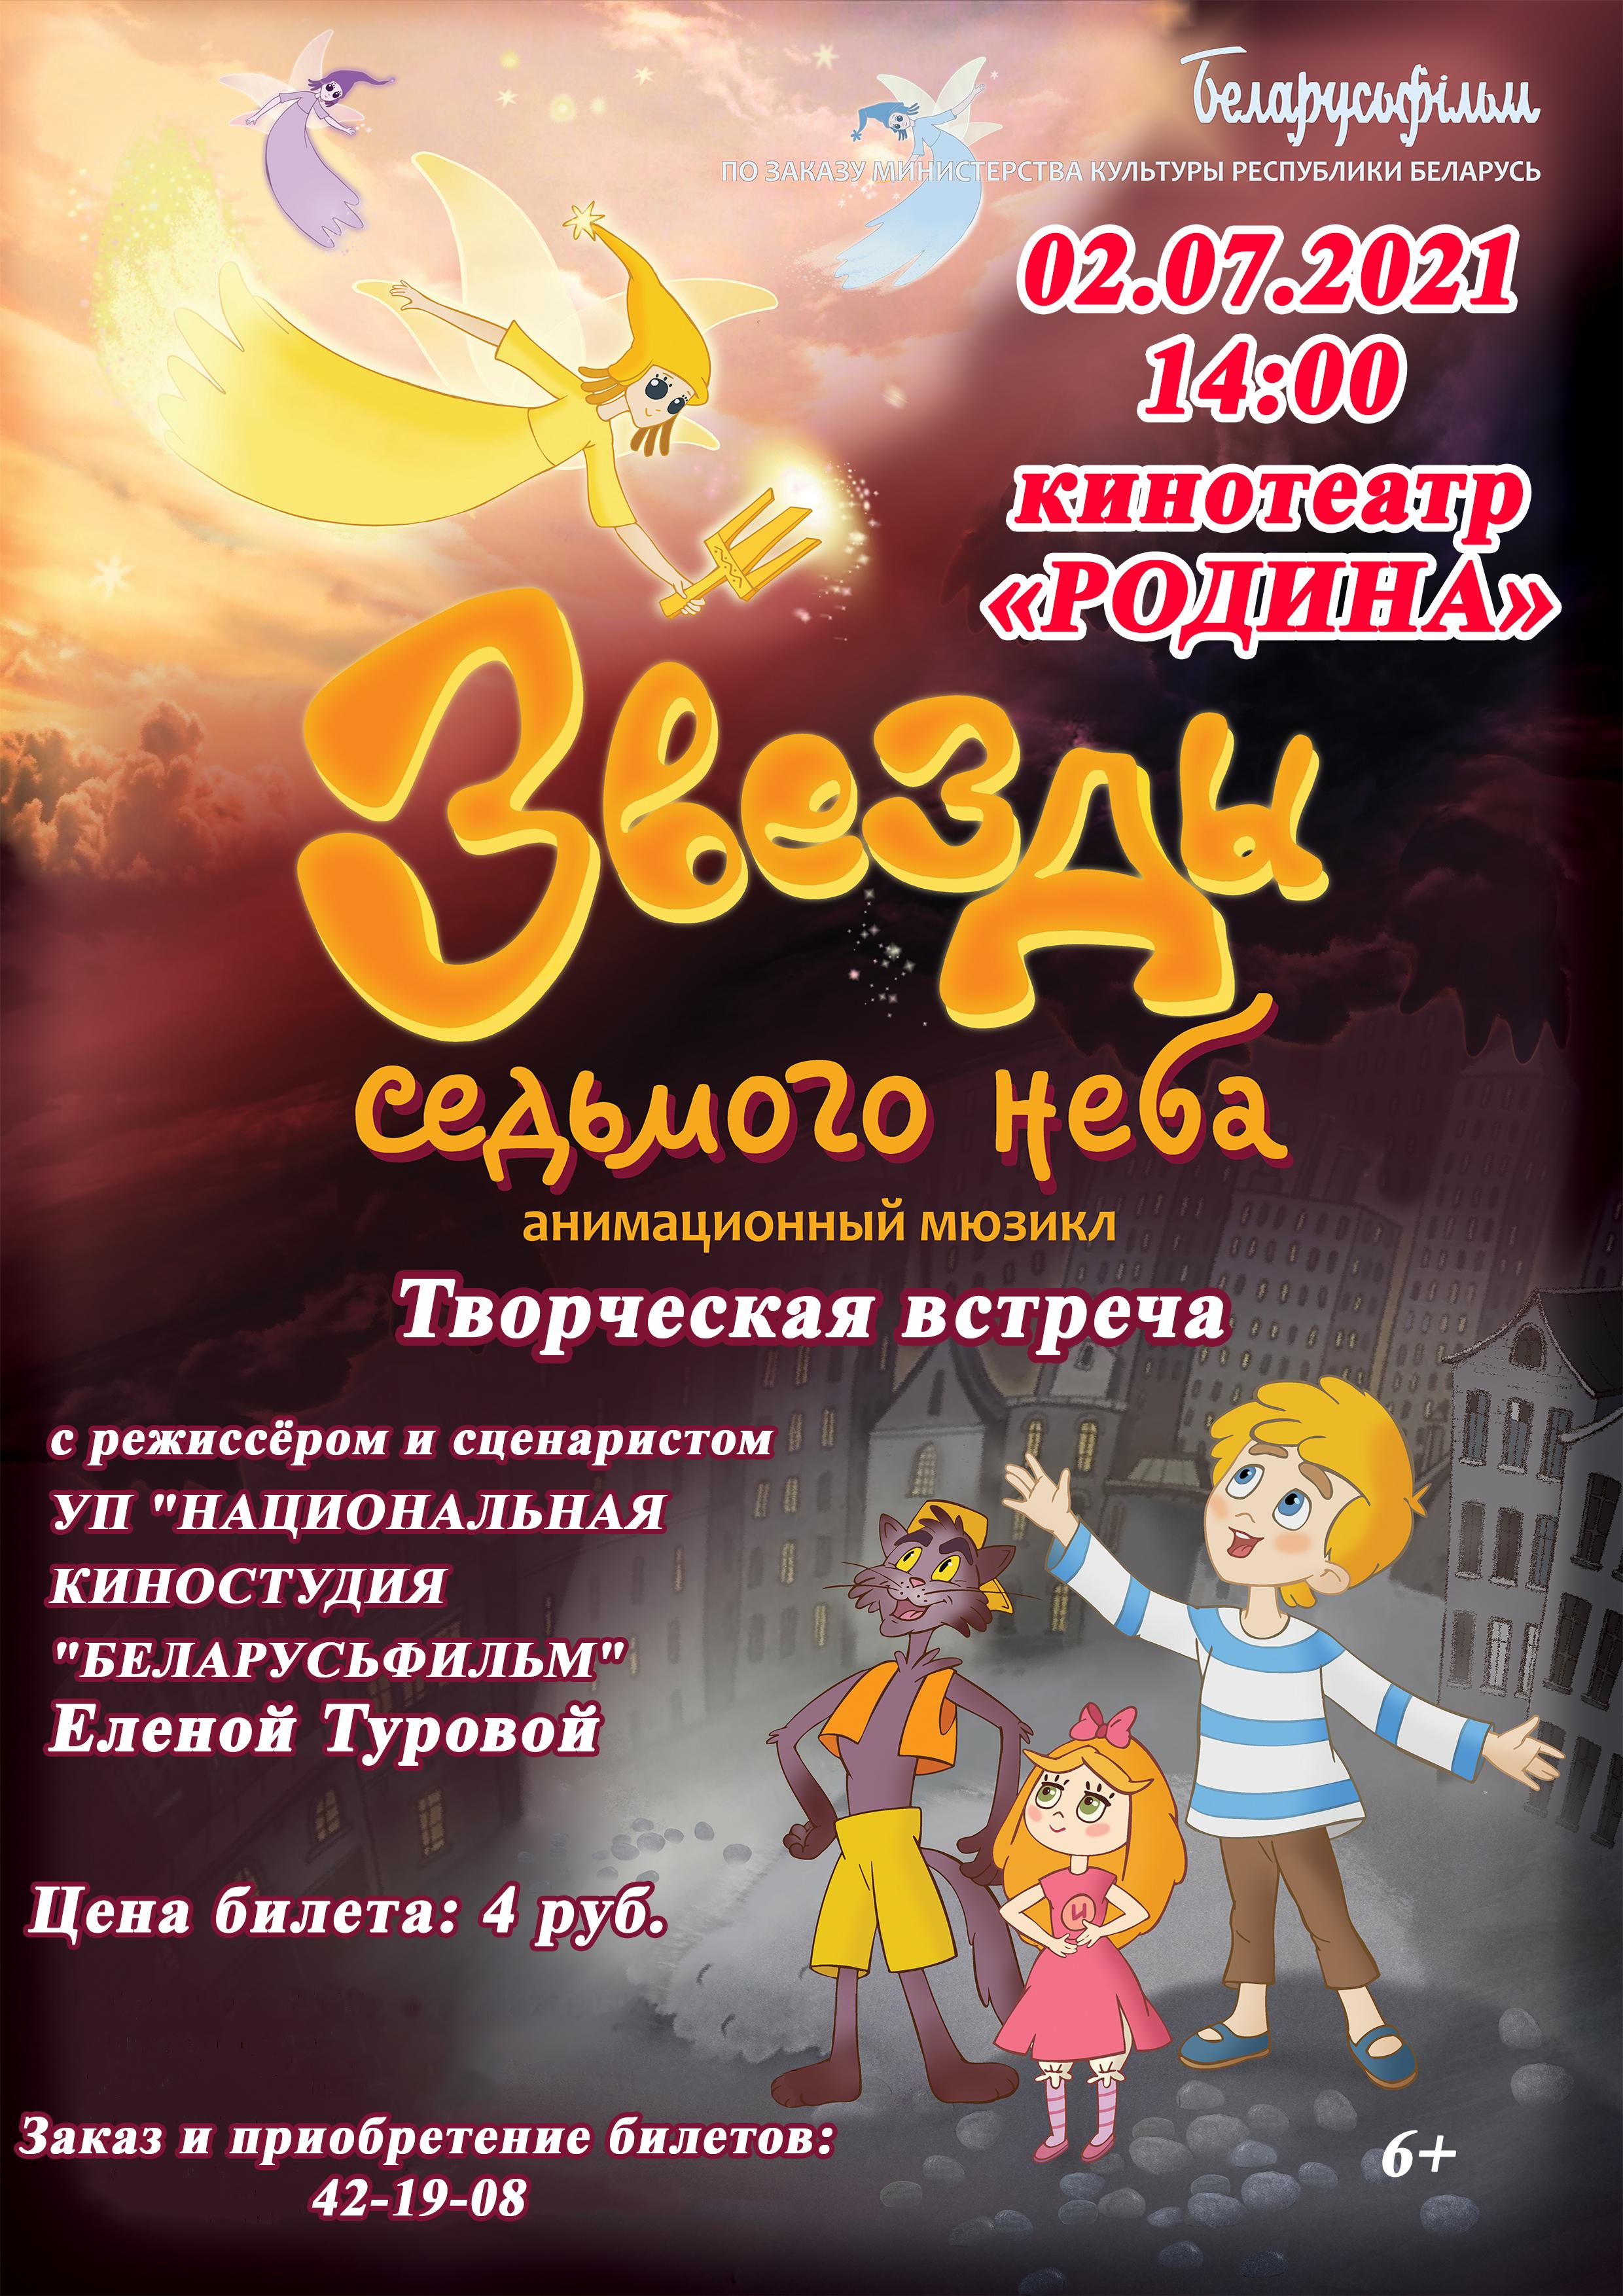 Творческая встреча срежиссером «Беларусьфильма» Еленой Туровой пройдет вМогилеве 2июля